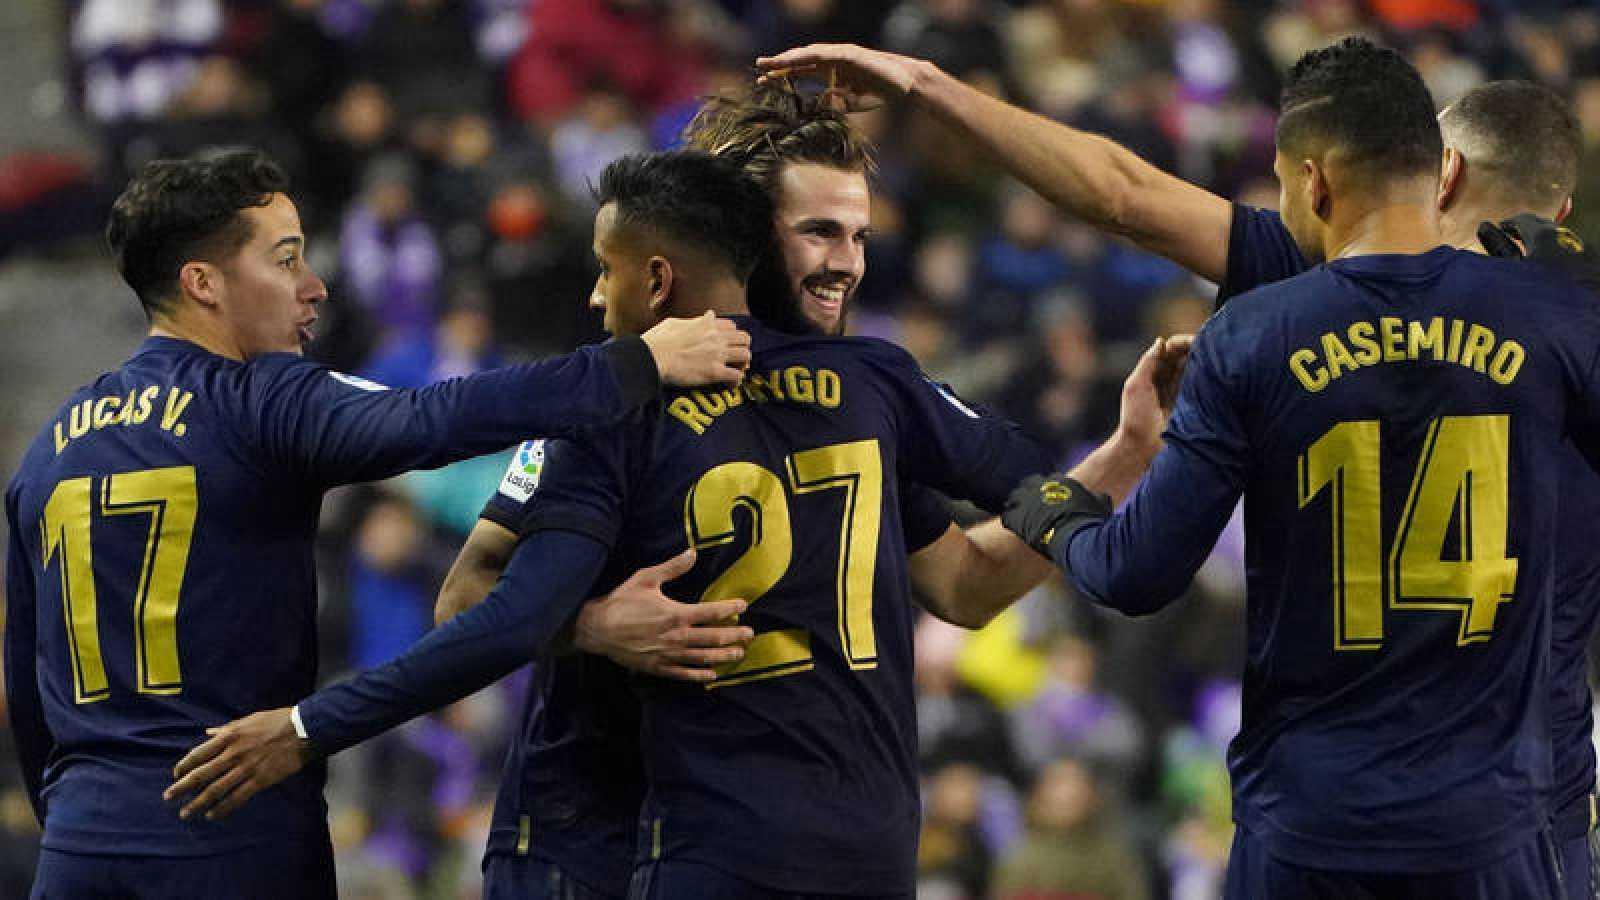 El defensa del Real Madrid, Nacho Fernández (C), felicitado por sus compañeros tras marcar el primer y único gol del encuentro